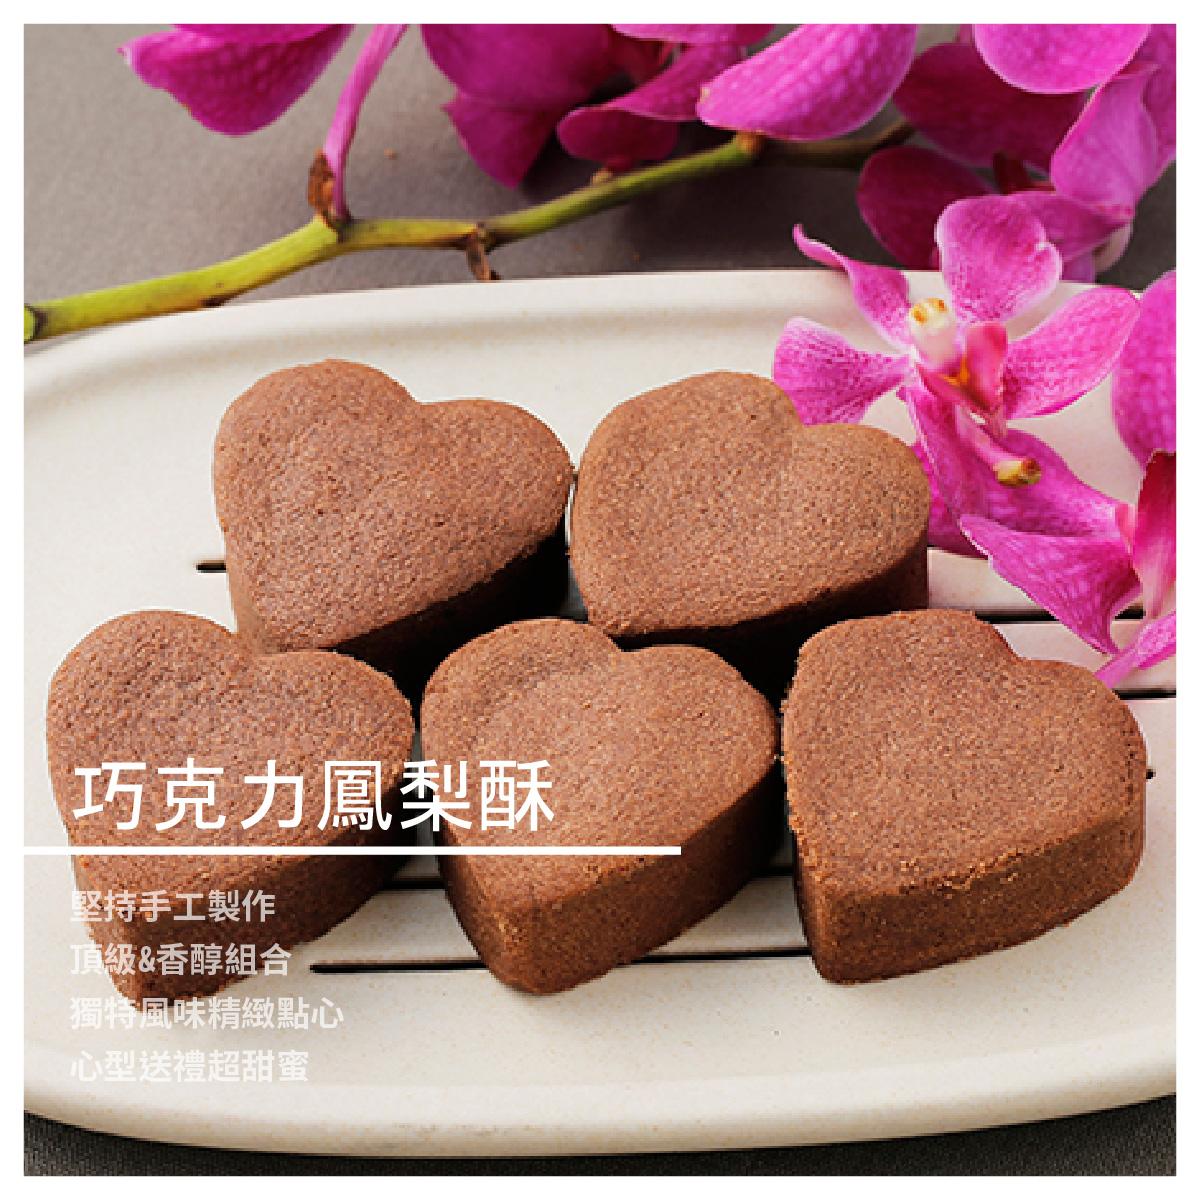 【卡但屋餅店】巧克力鳳梨酥/8入